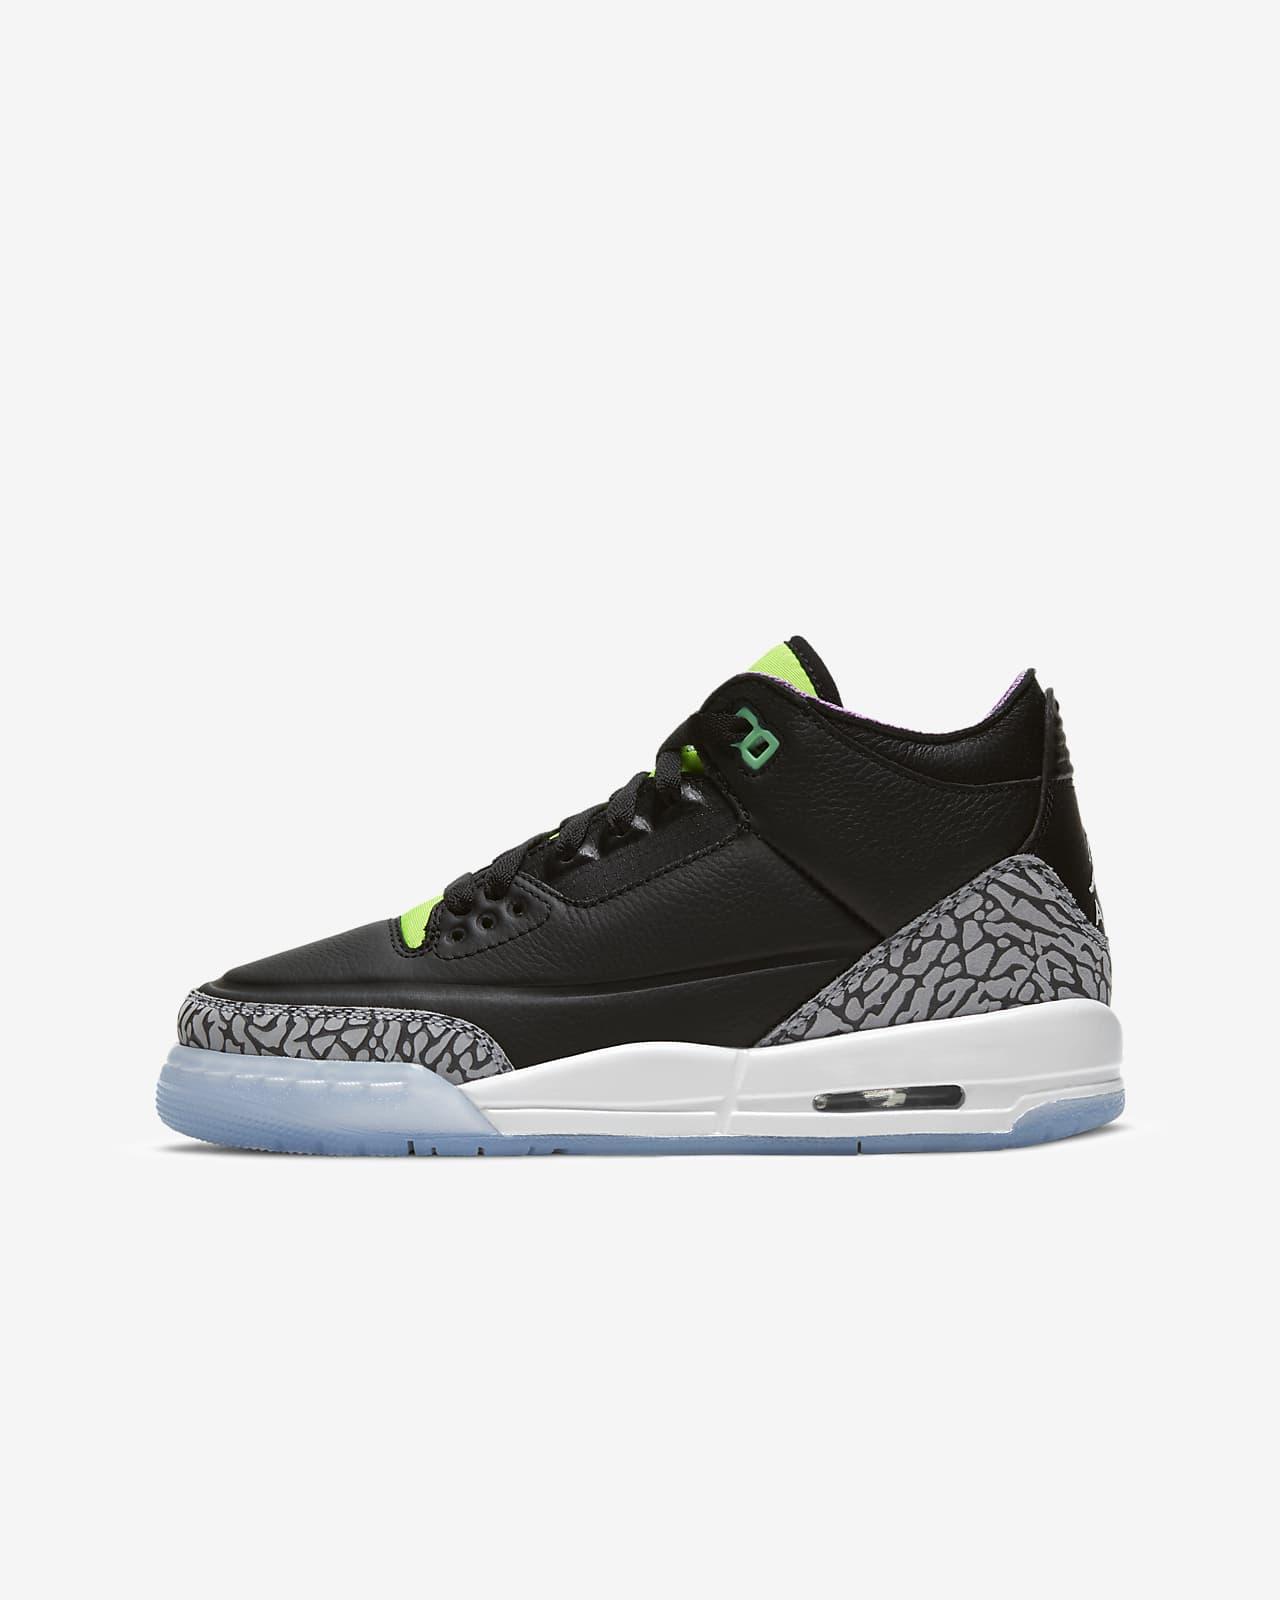 Air Jordan 3 Retro SE Big Kids' Shoe